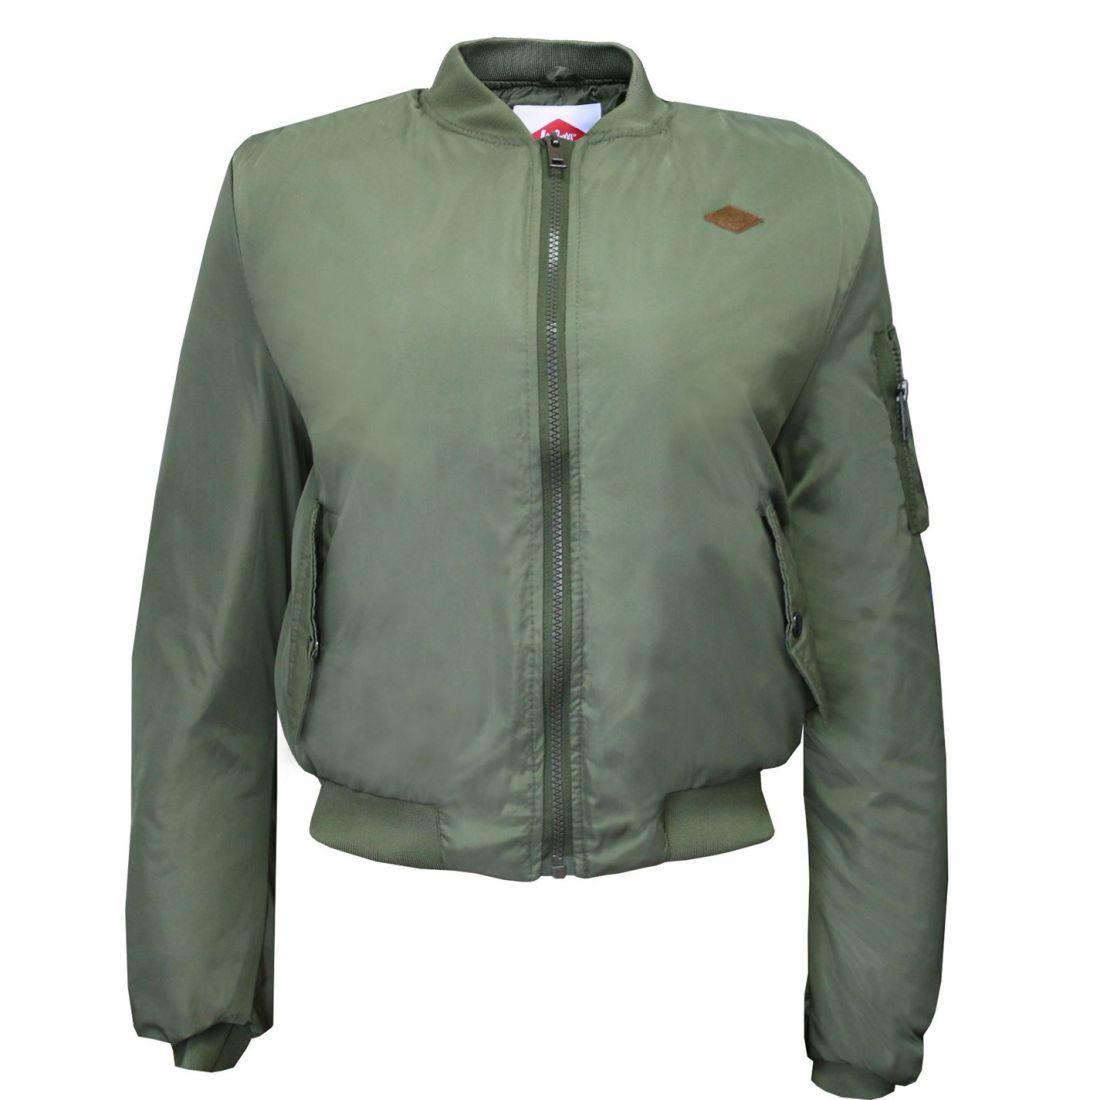 3e17a0510c3 Lee Cooper Bomber Jacket Ladies - Midweight Coat Top Zip Zipped